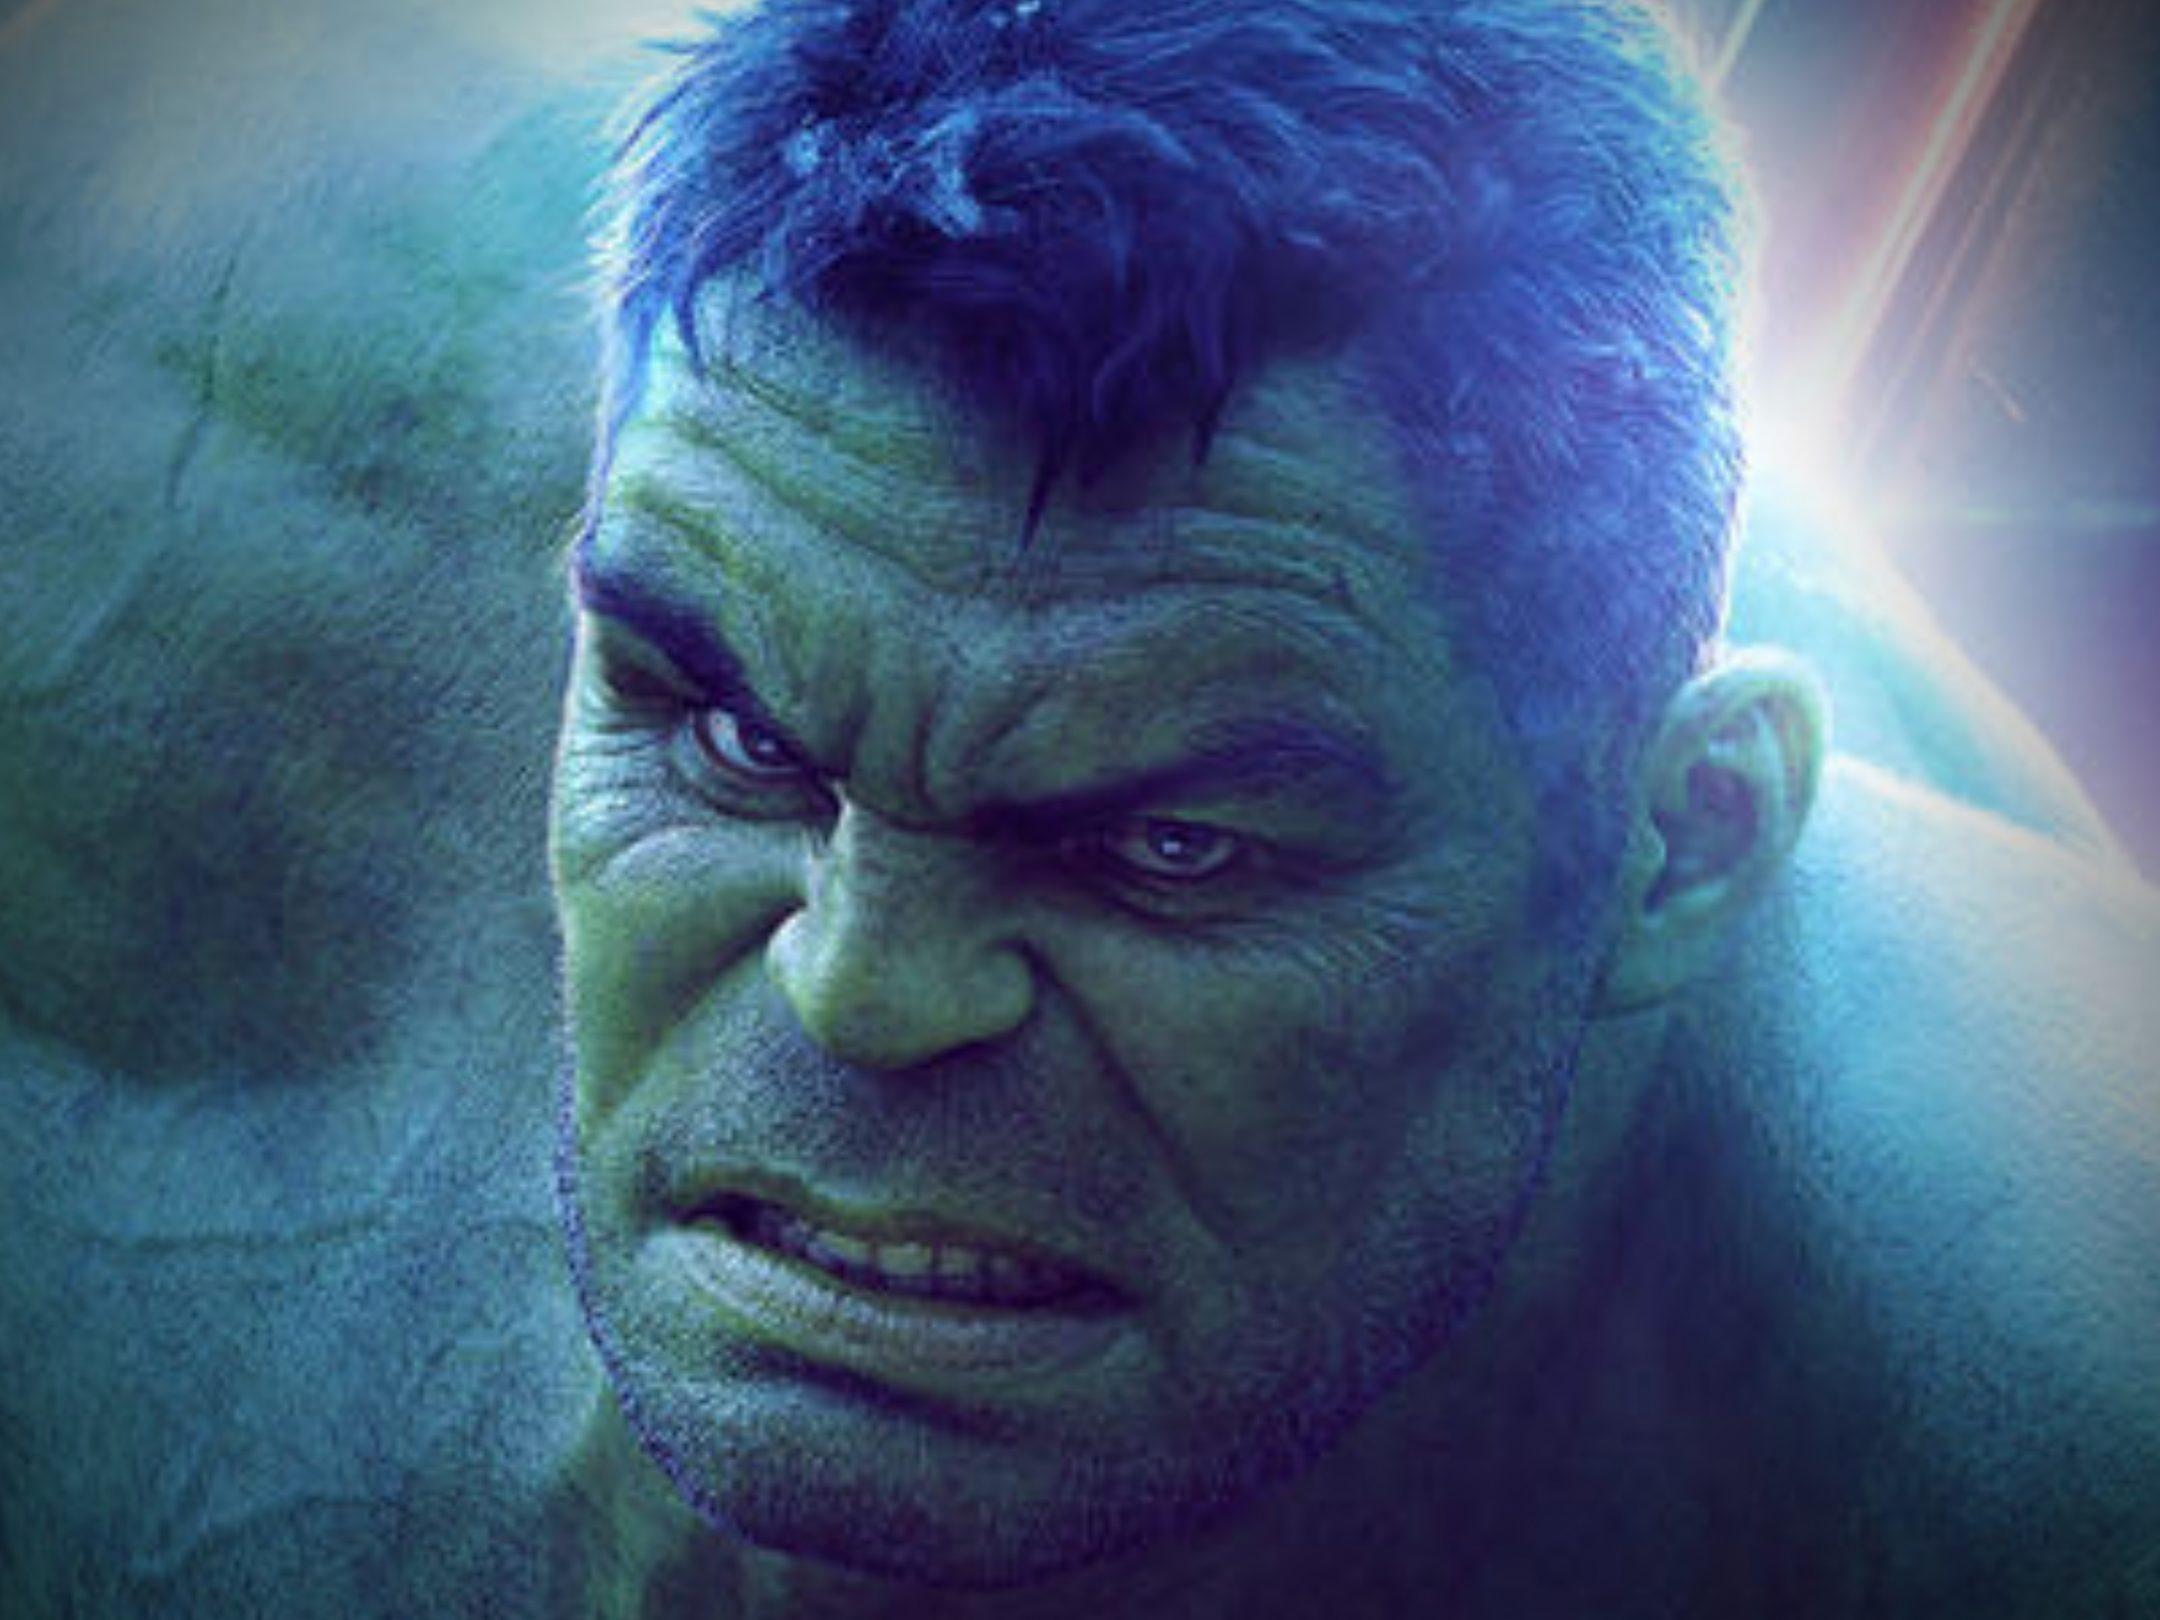 2160x1620 iPad wallpaper 4k Hulk Marvel iPad Wallpaper 2160x1620 pixels resolution